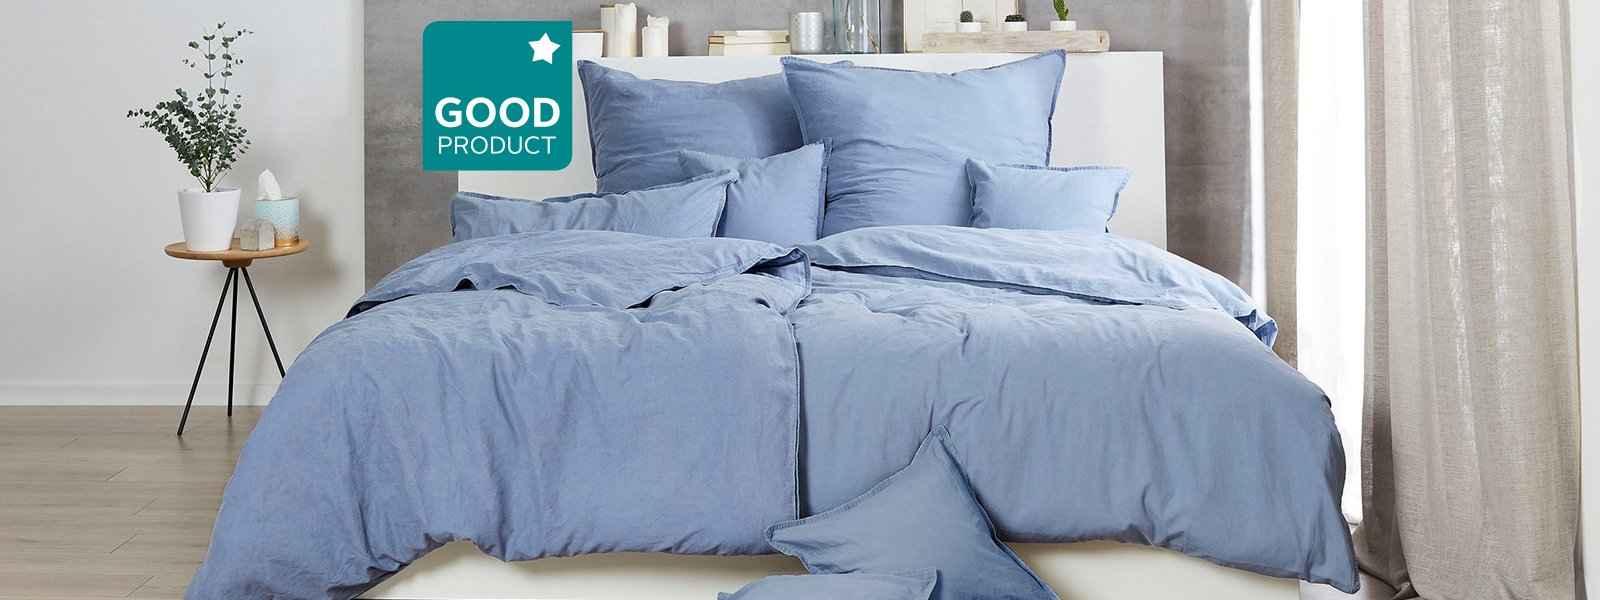 Nachhaltige Bettwäsche & Bettlaken